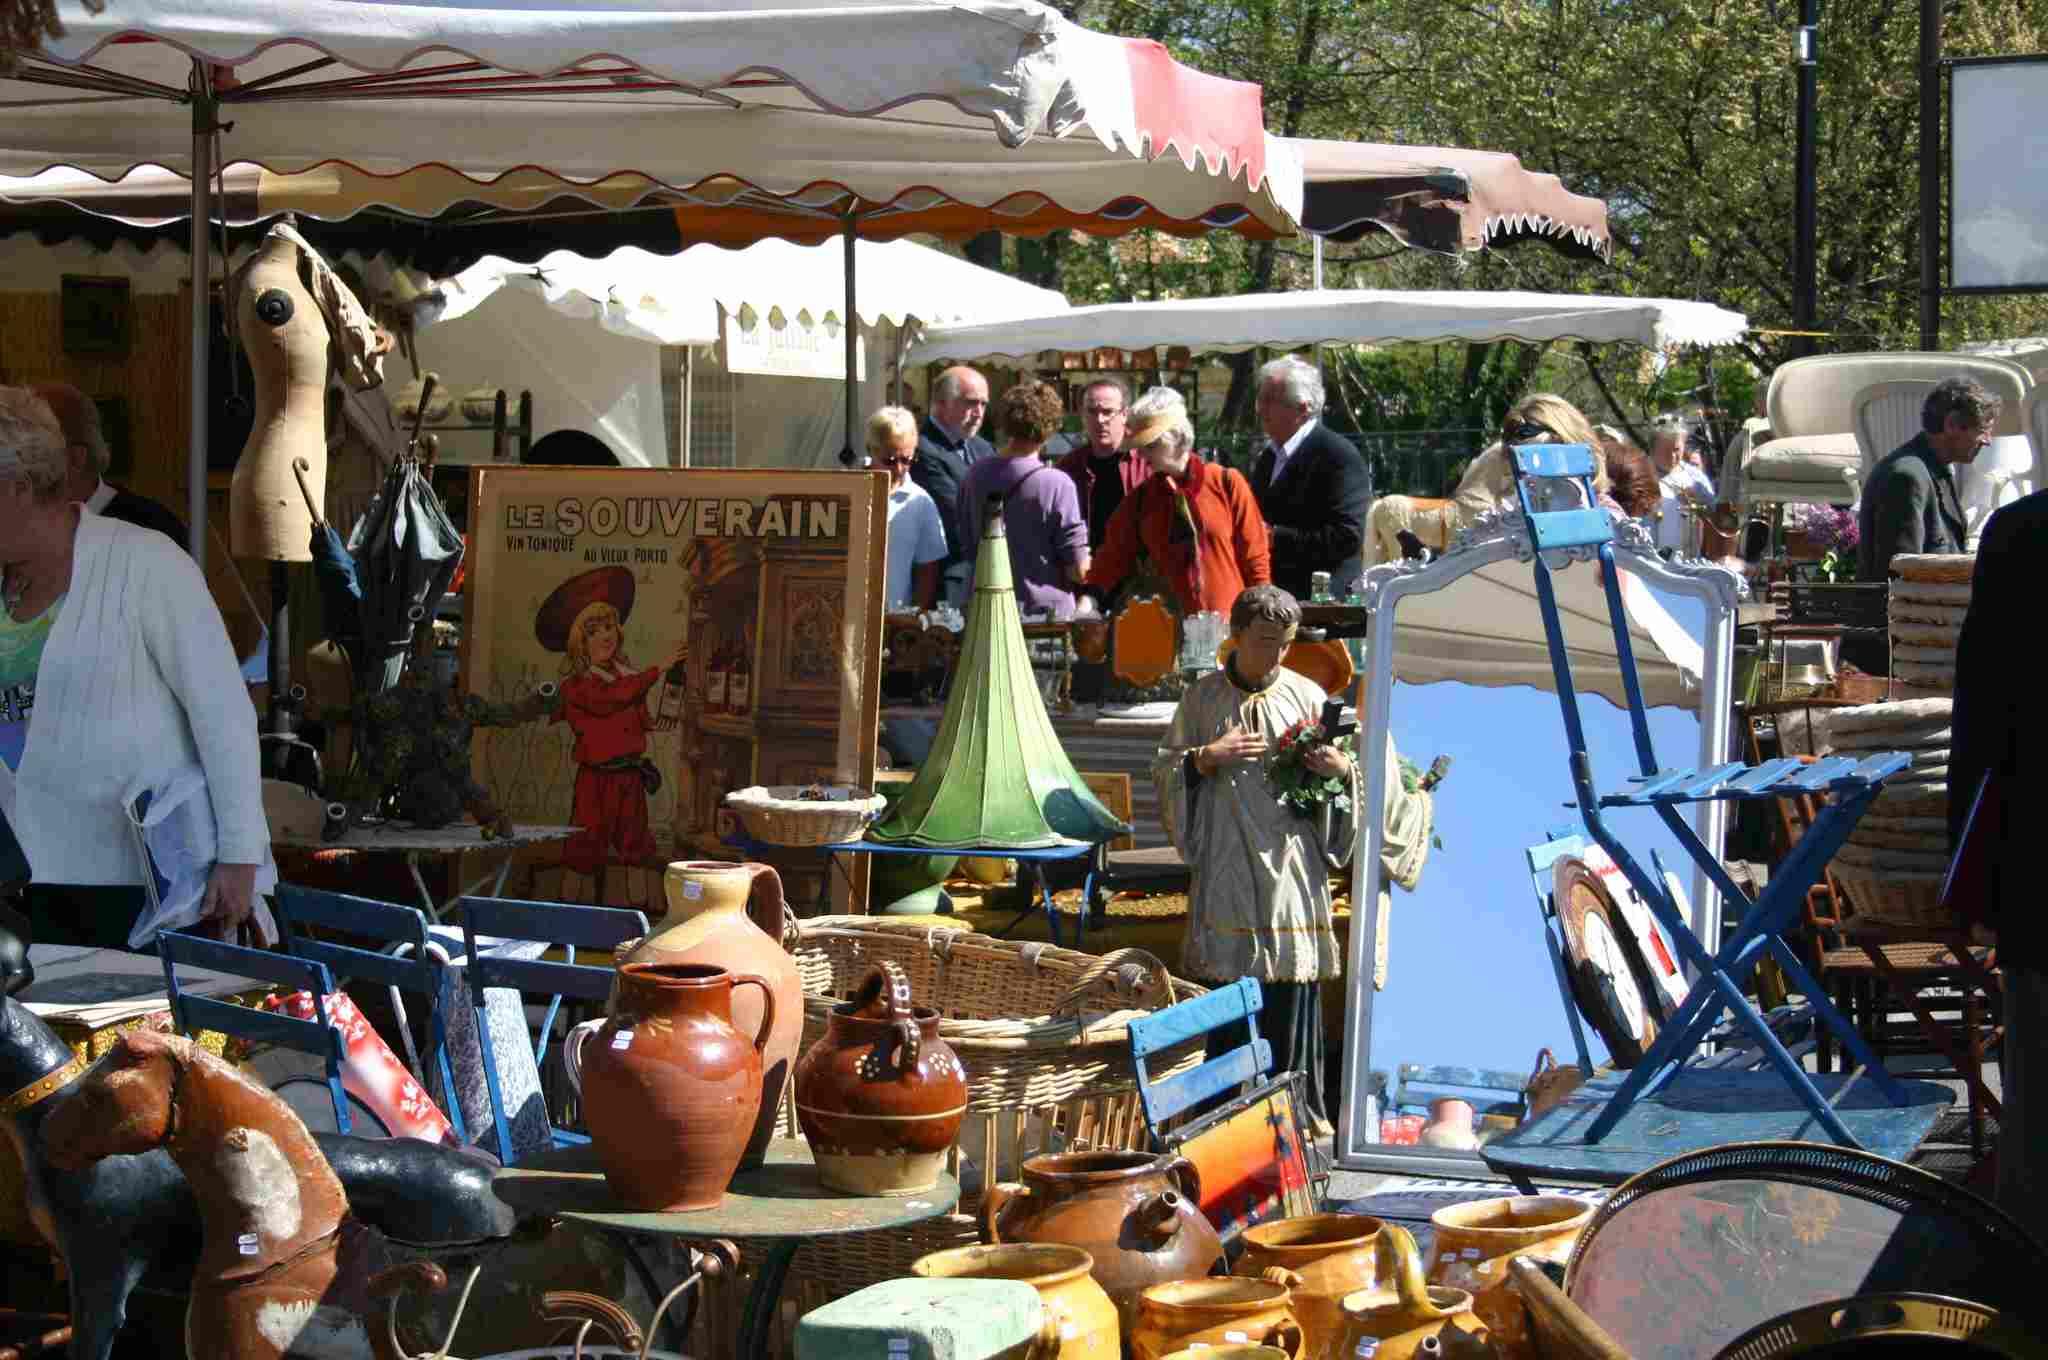 Antiques Fair in Isle-sur-la-Sorgue